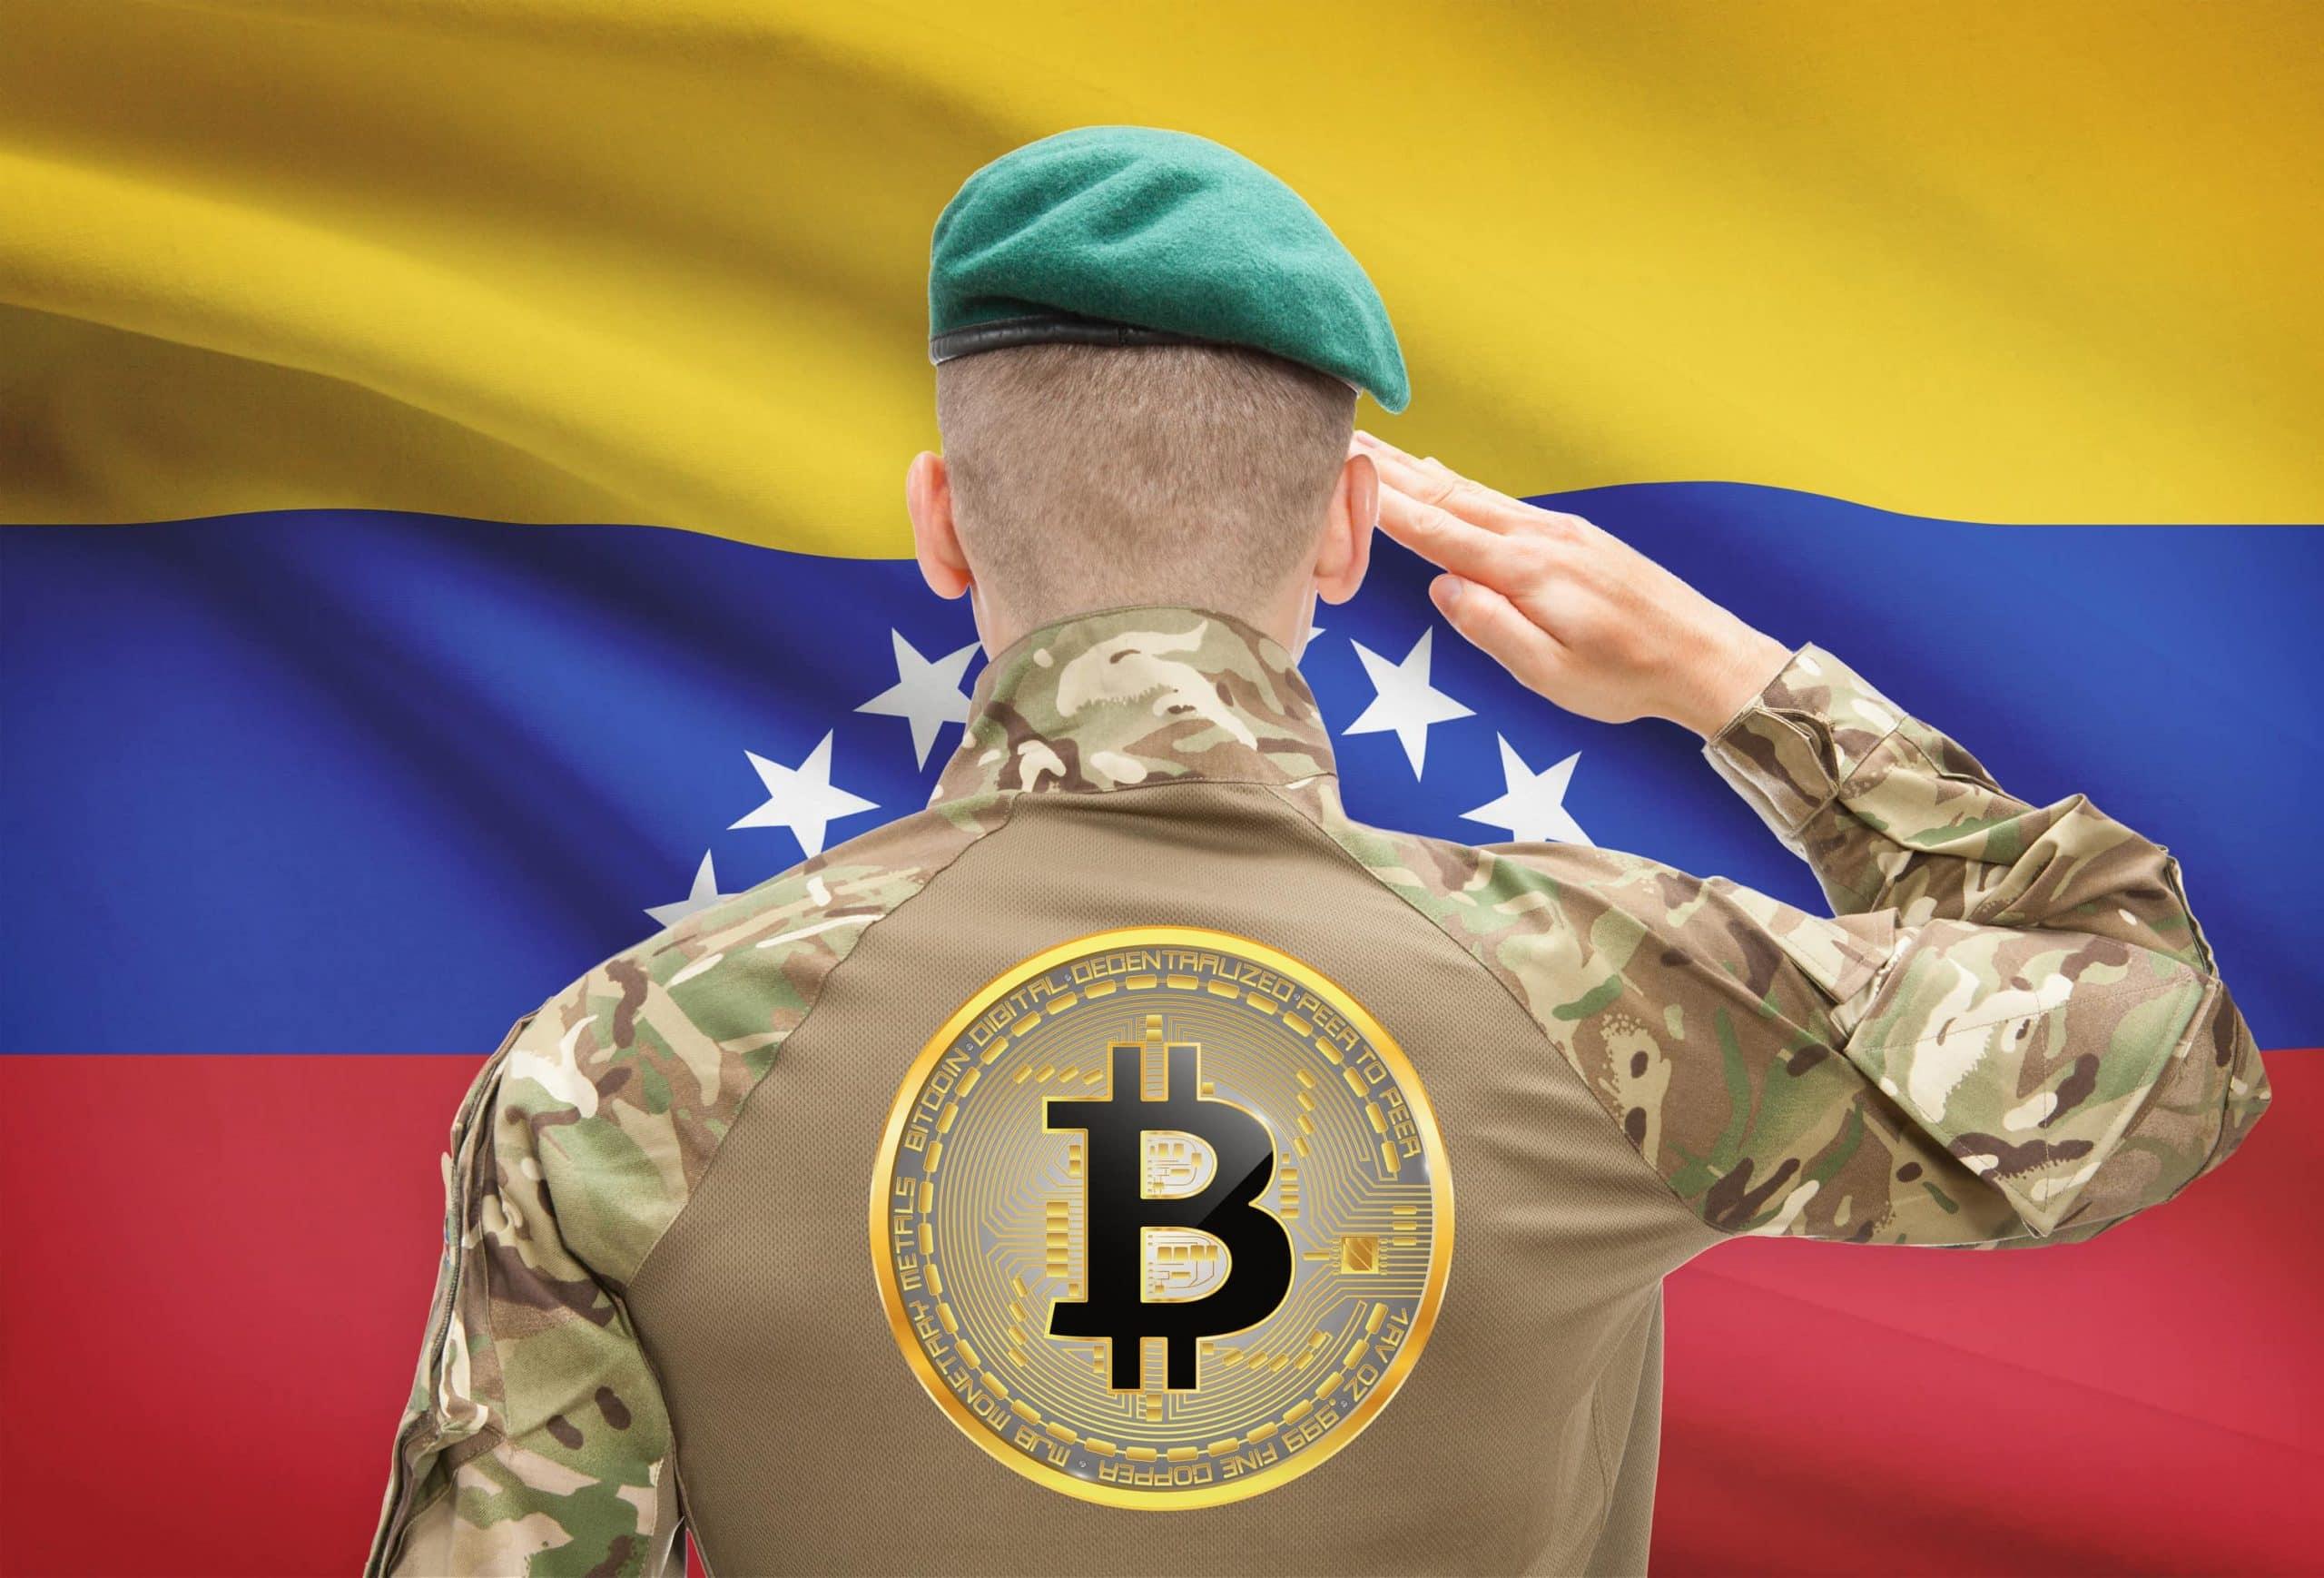 Salutierender Soldat vor Venezuala-Flagge, auf dem Rücken trägt er das Bitcoin-Logo